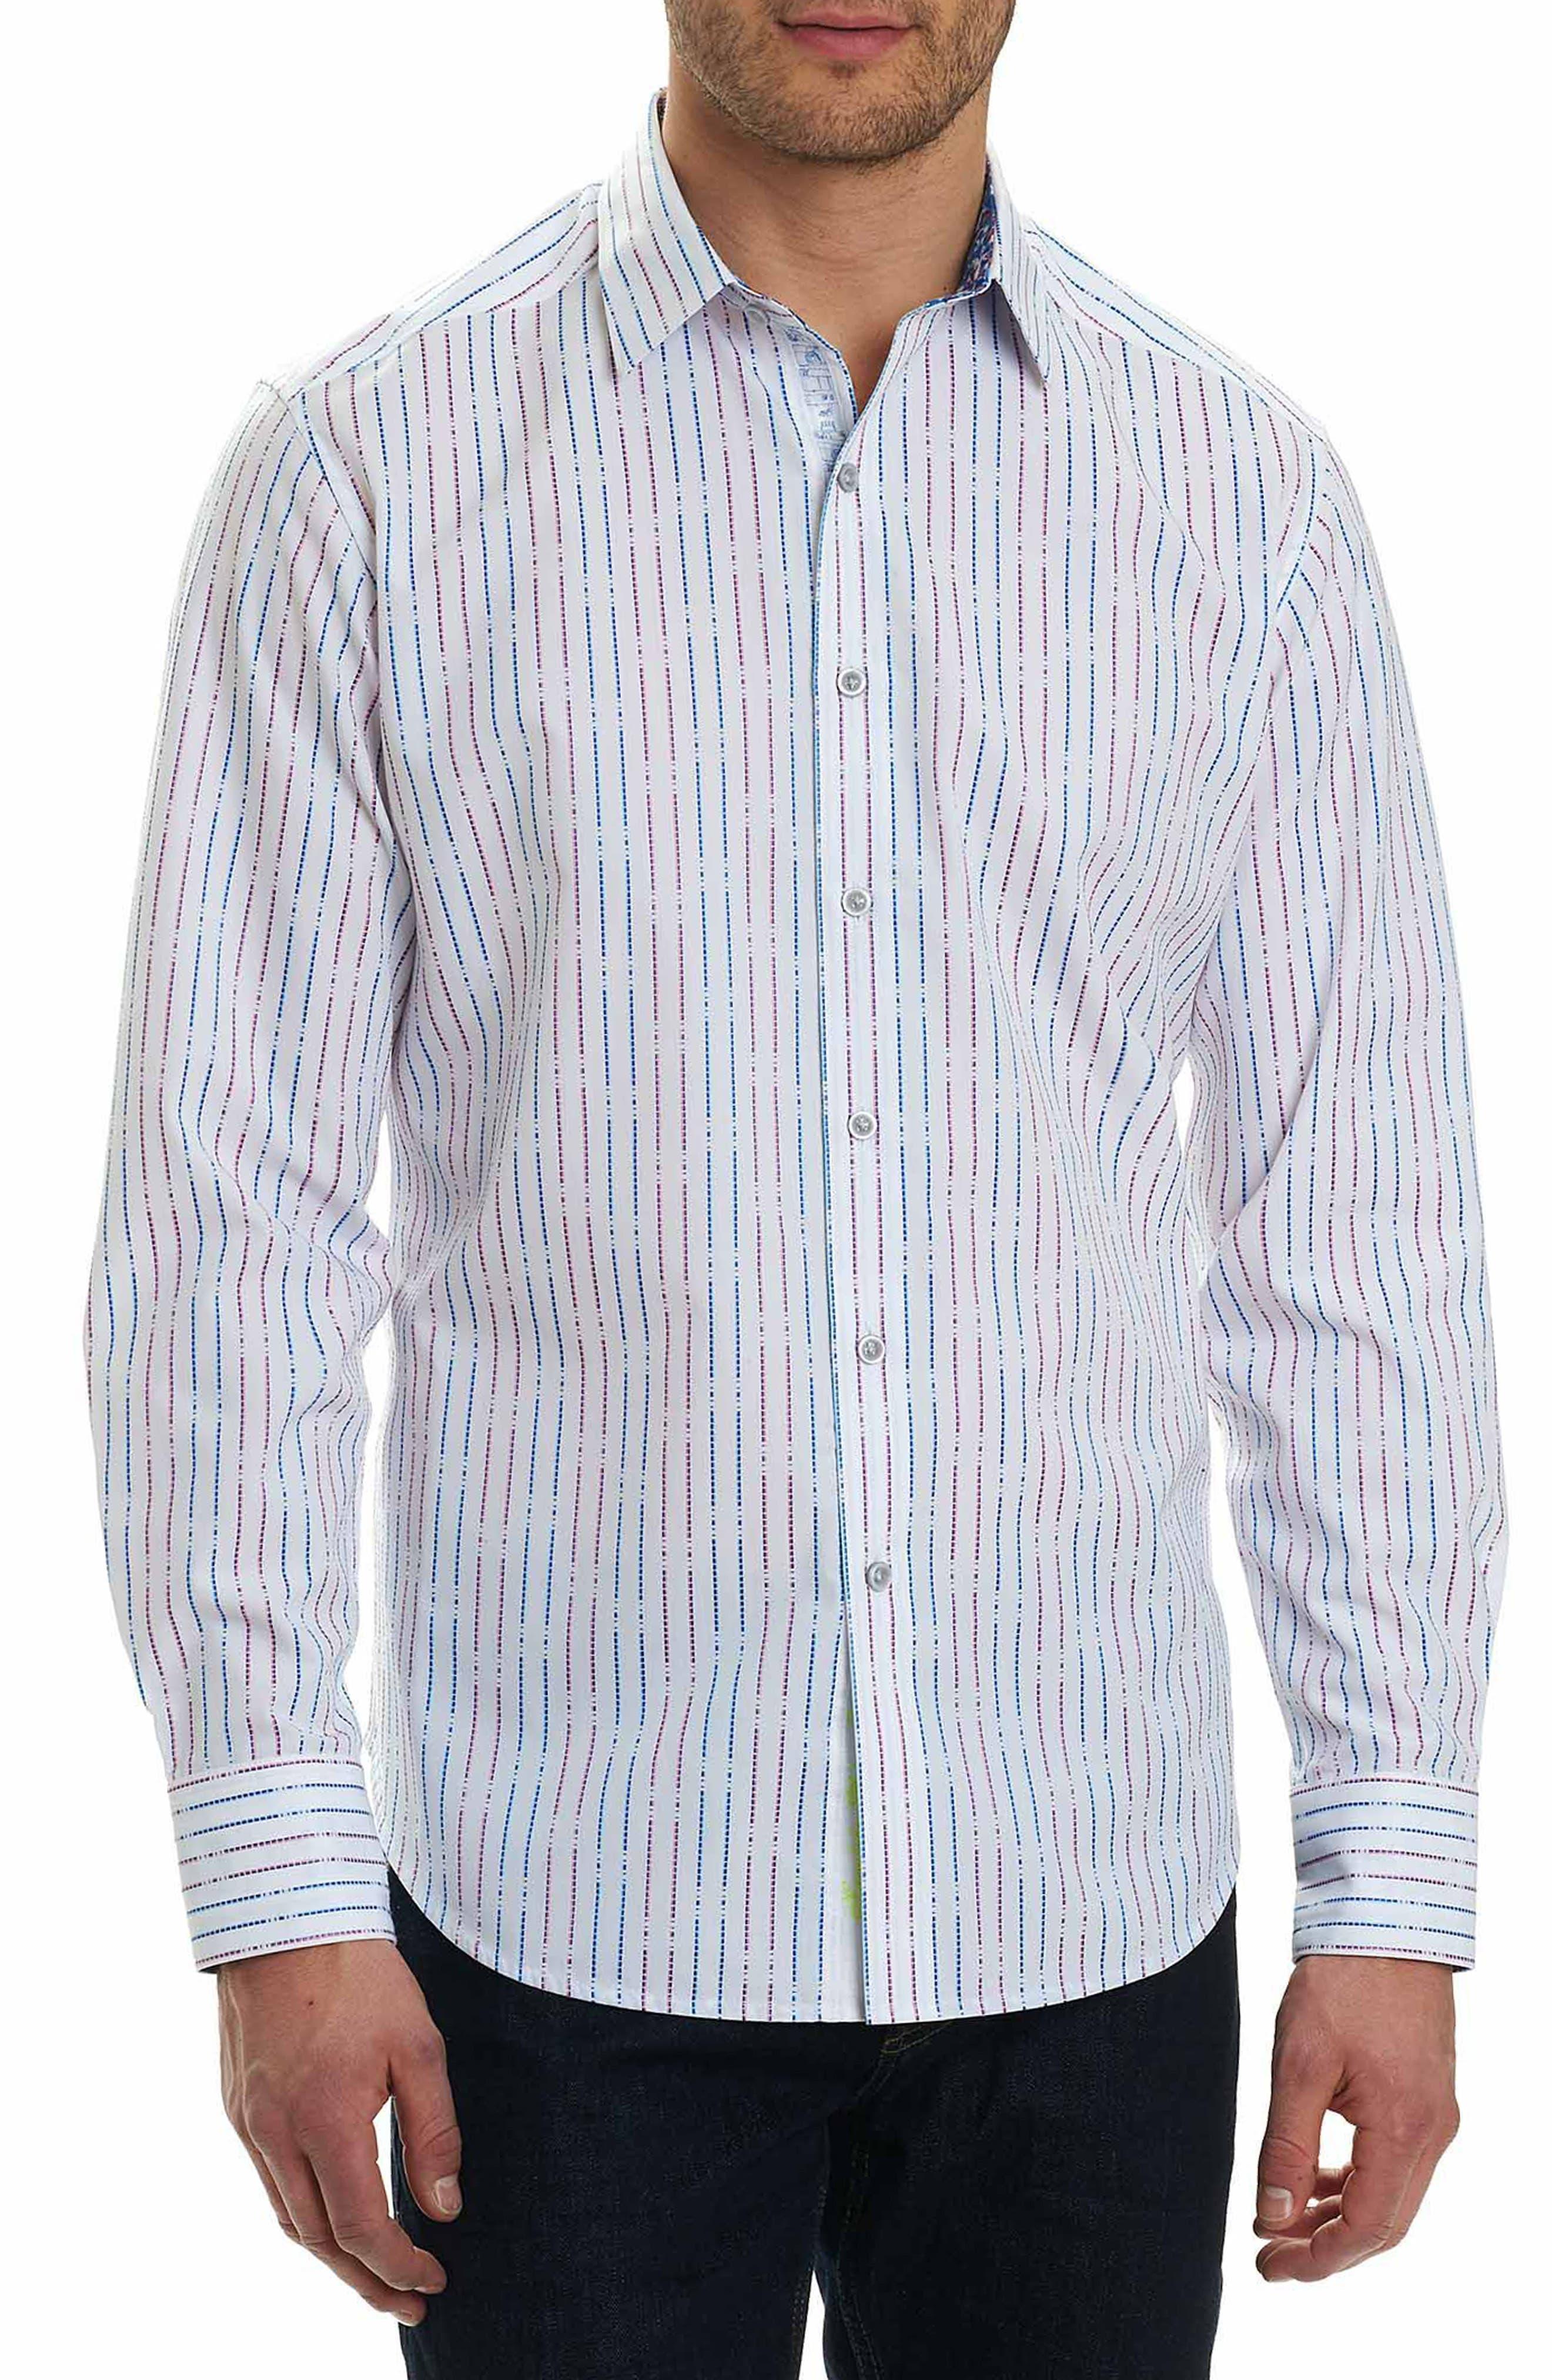 Bora Classic Fit Sport Shirt,                             Main thumbnail 1, color,                             White